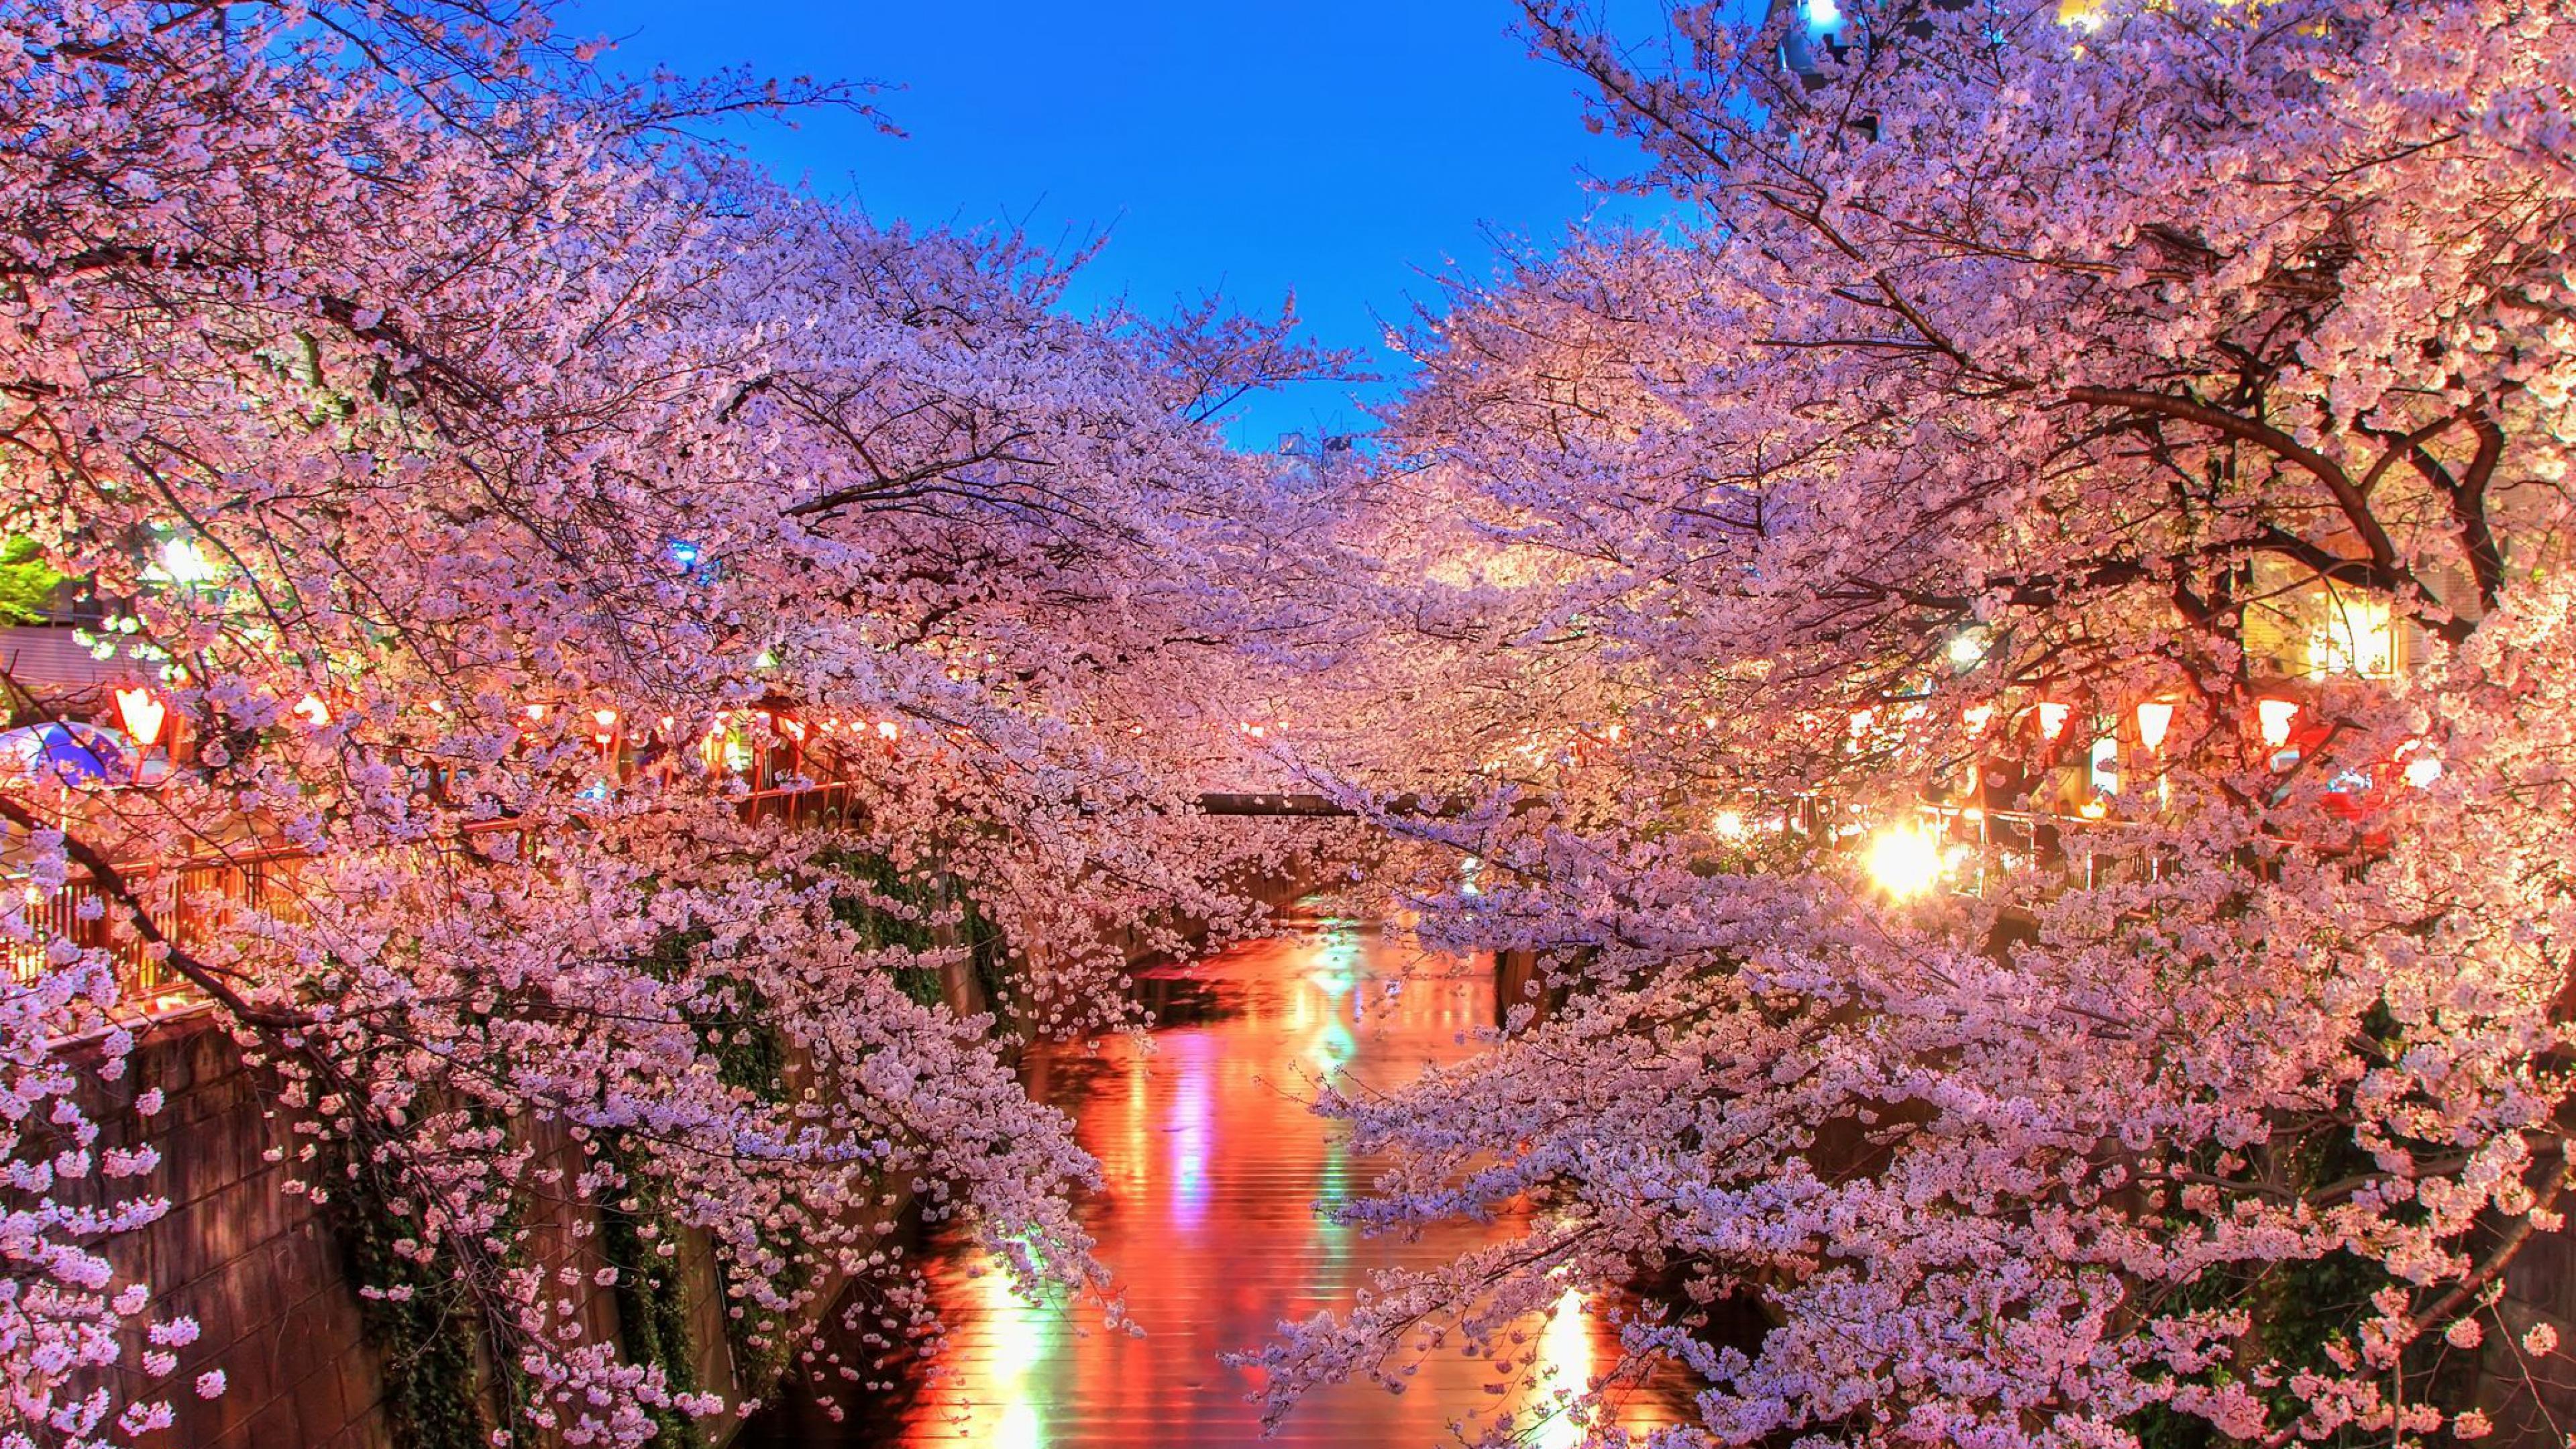 Download Wallpaper 3840x2160 O hanami Blossom Sakura Japan 4K Ultra 3840x2160